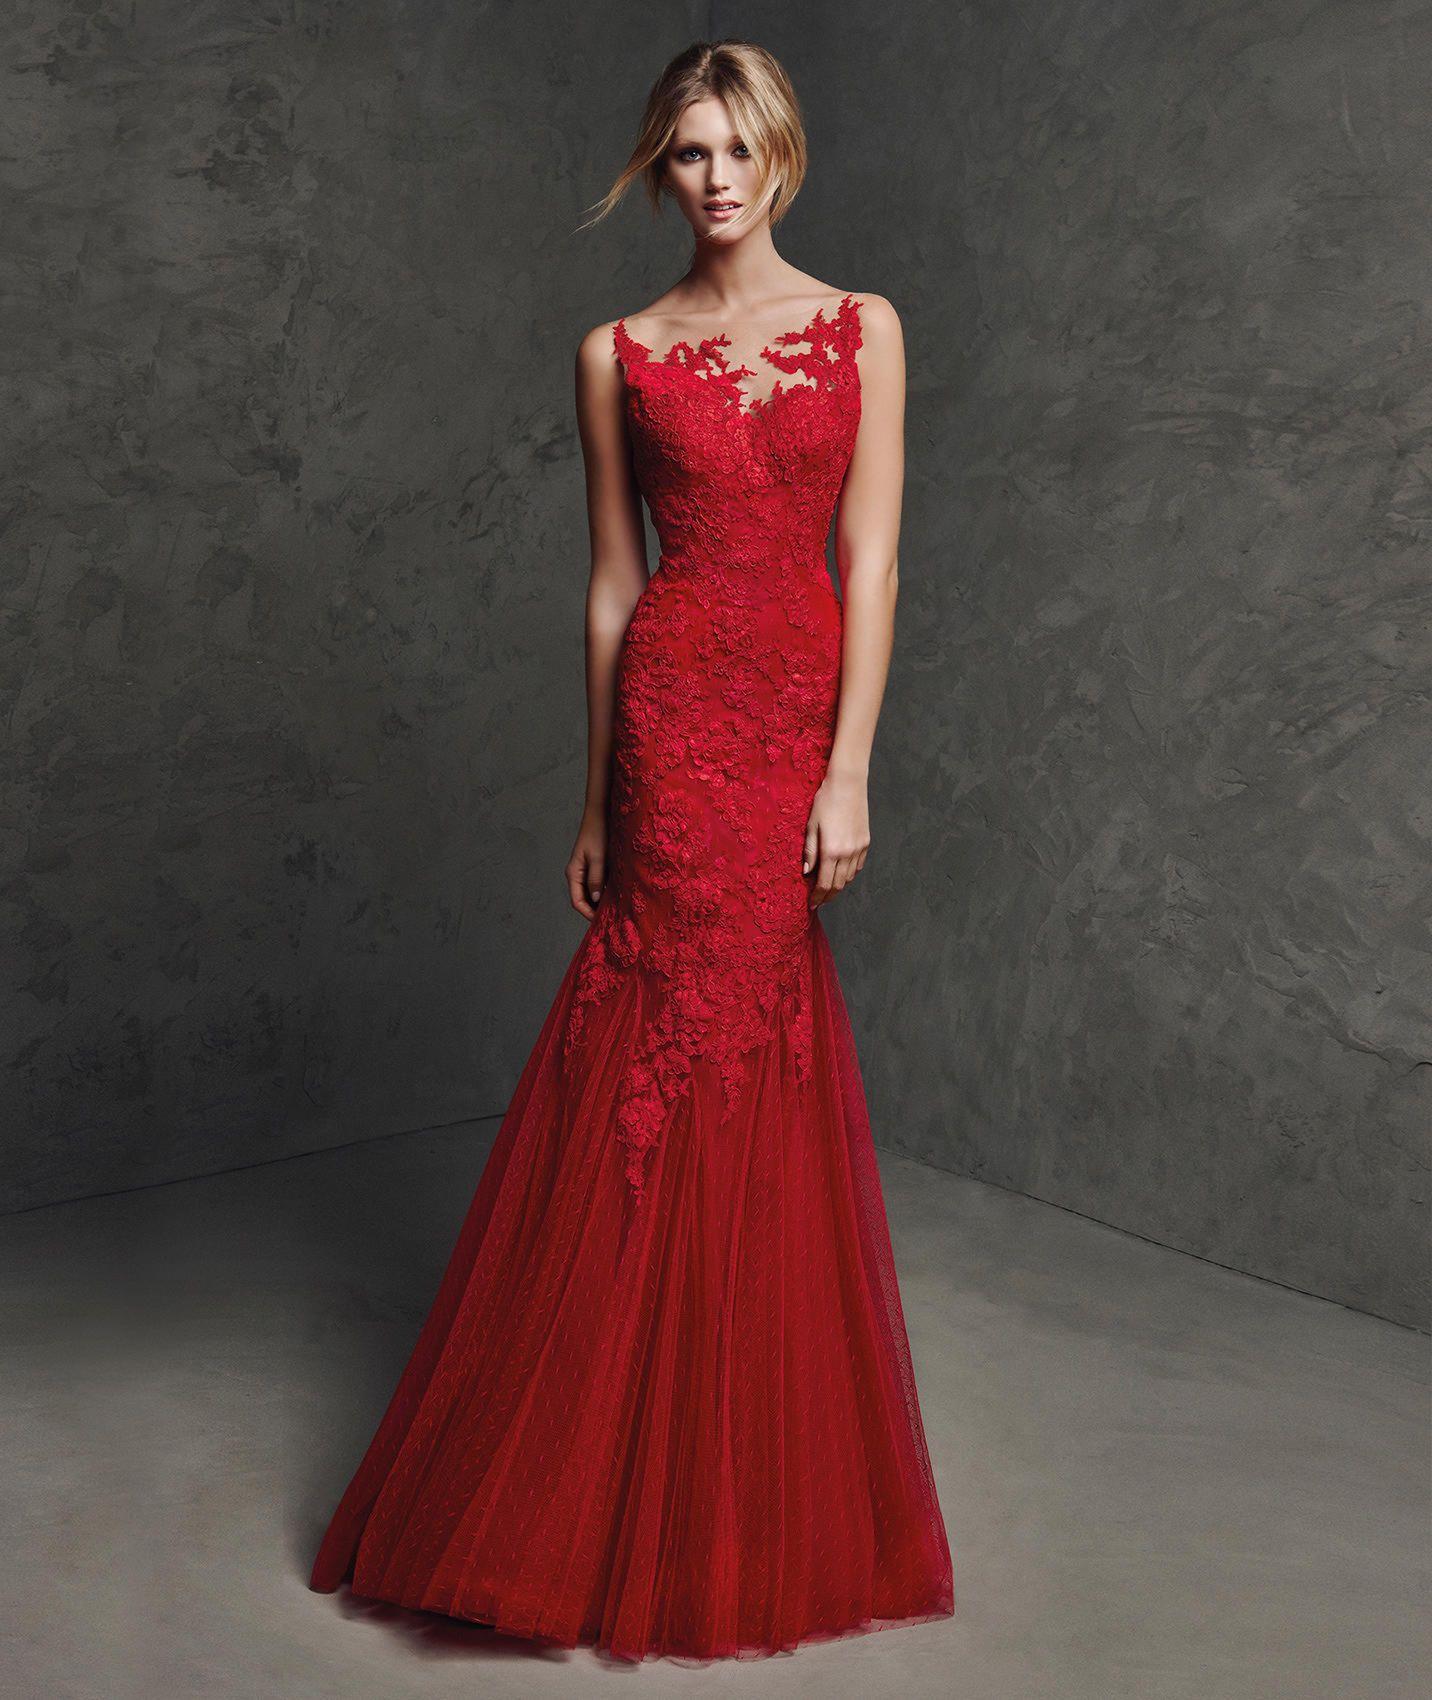 Laural vestido de fiesta color rojo escote barco vestidos